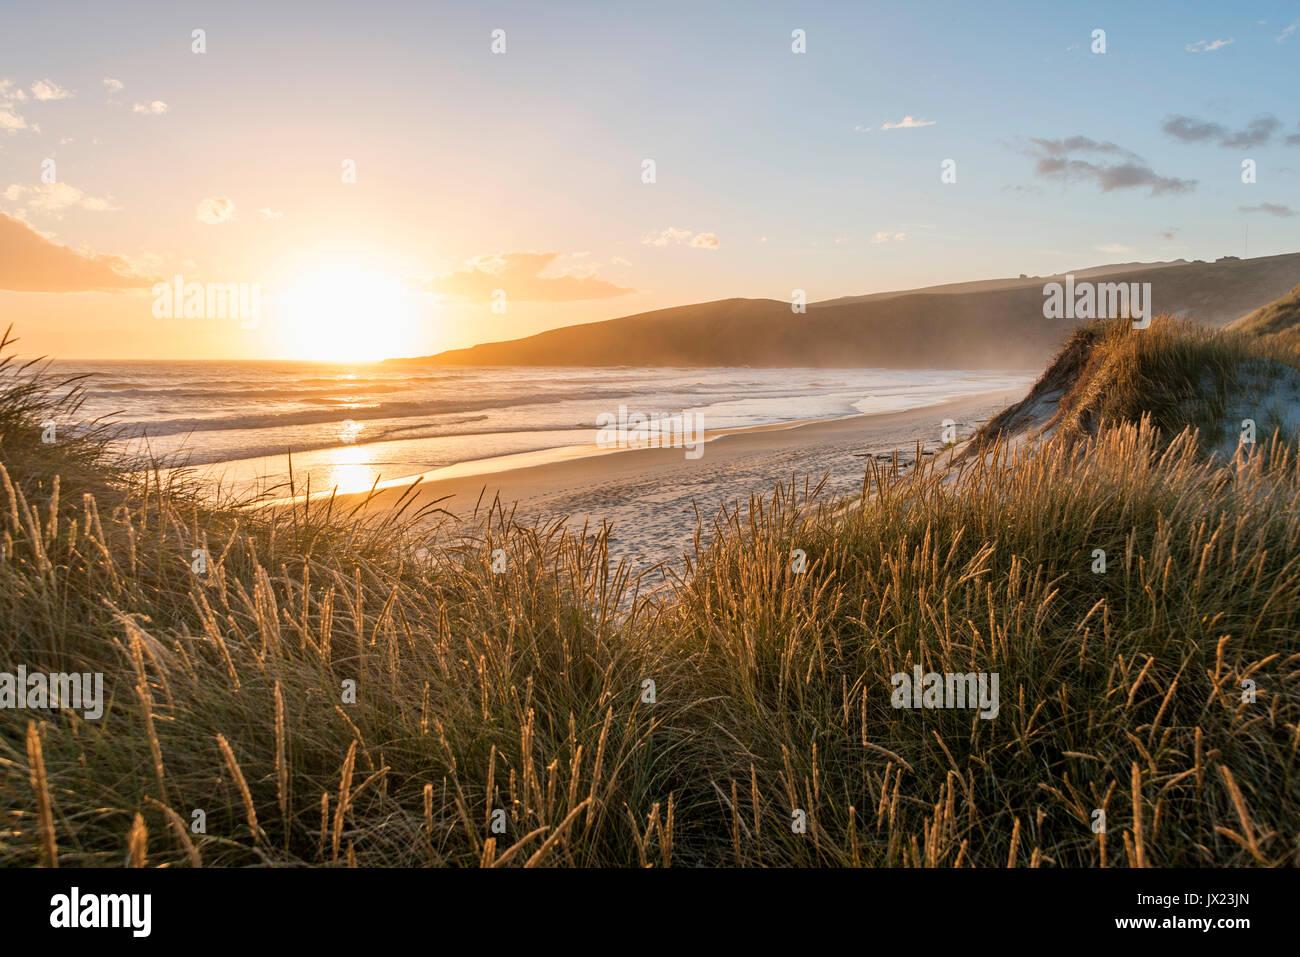 Coucher du soleil sur la plage, la baie de phlébotome, Otago, île du Sud, Nouvelle-Zélande Banque D'Images